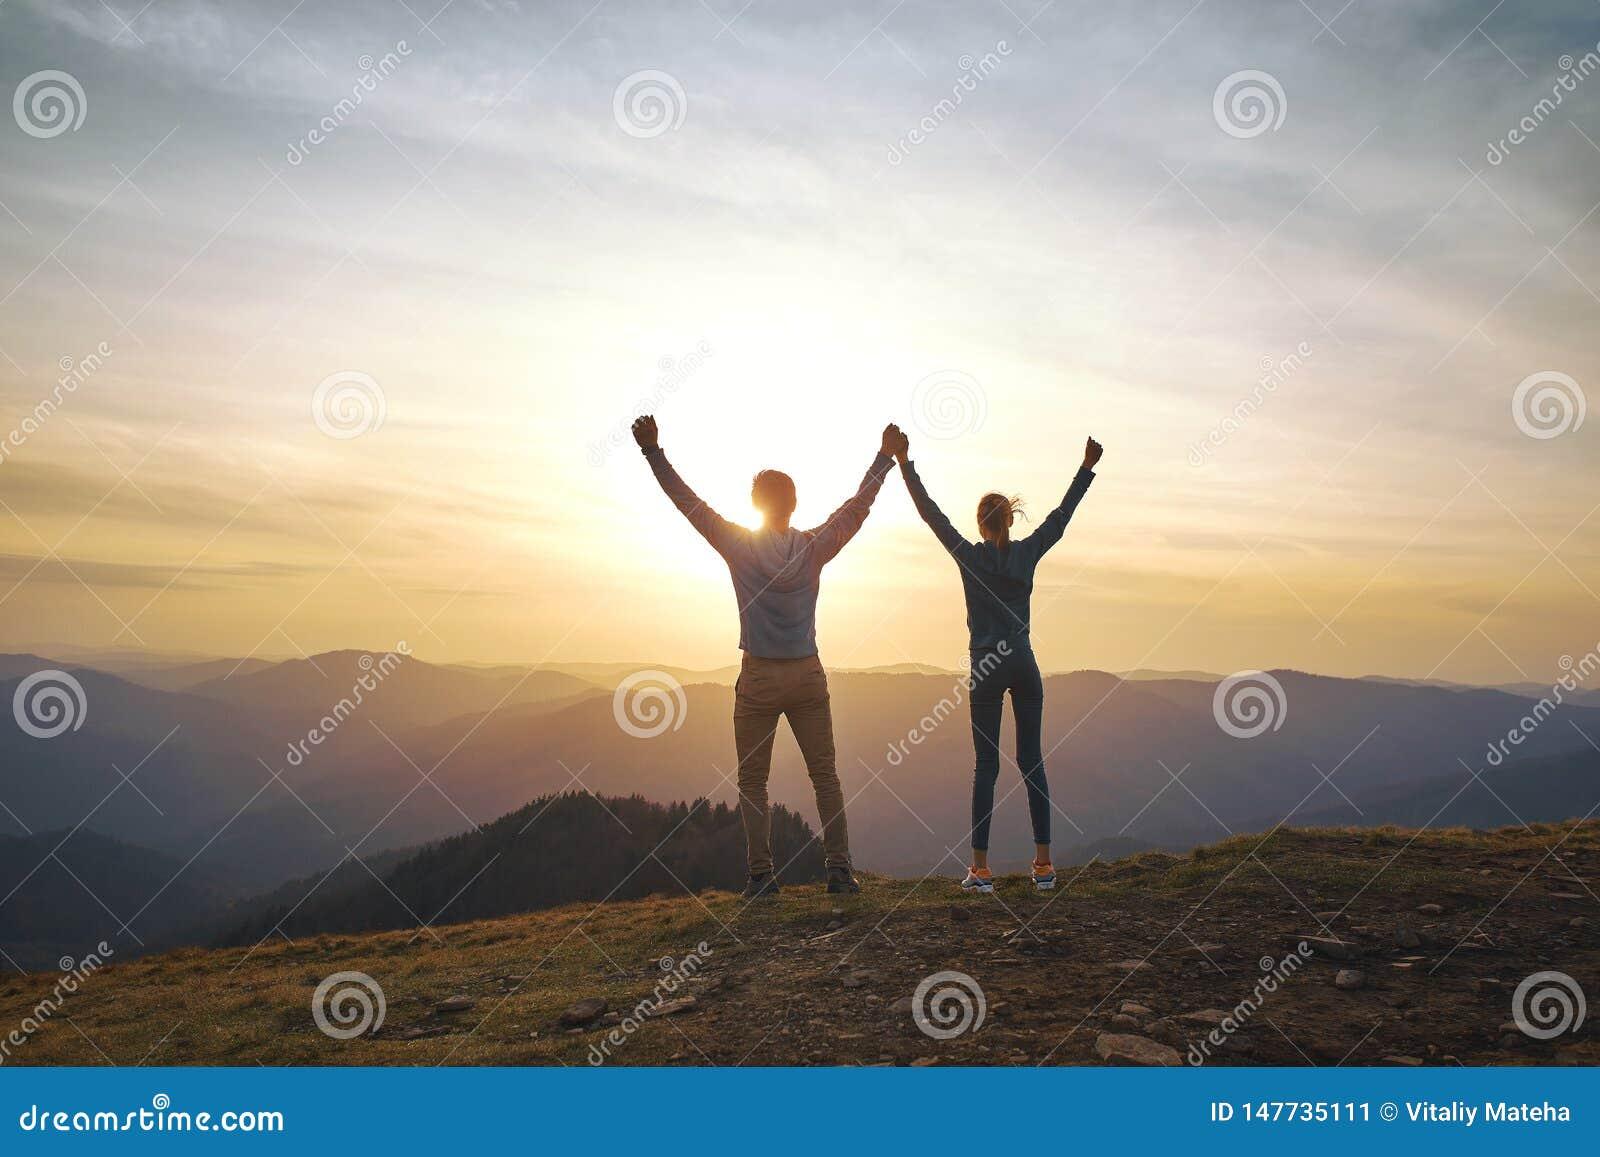 Sylwetka mężczyzny, kobiety pozycja na krawędzi ręki w górę na i i